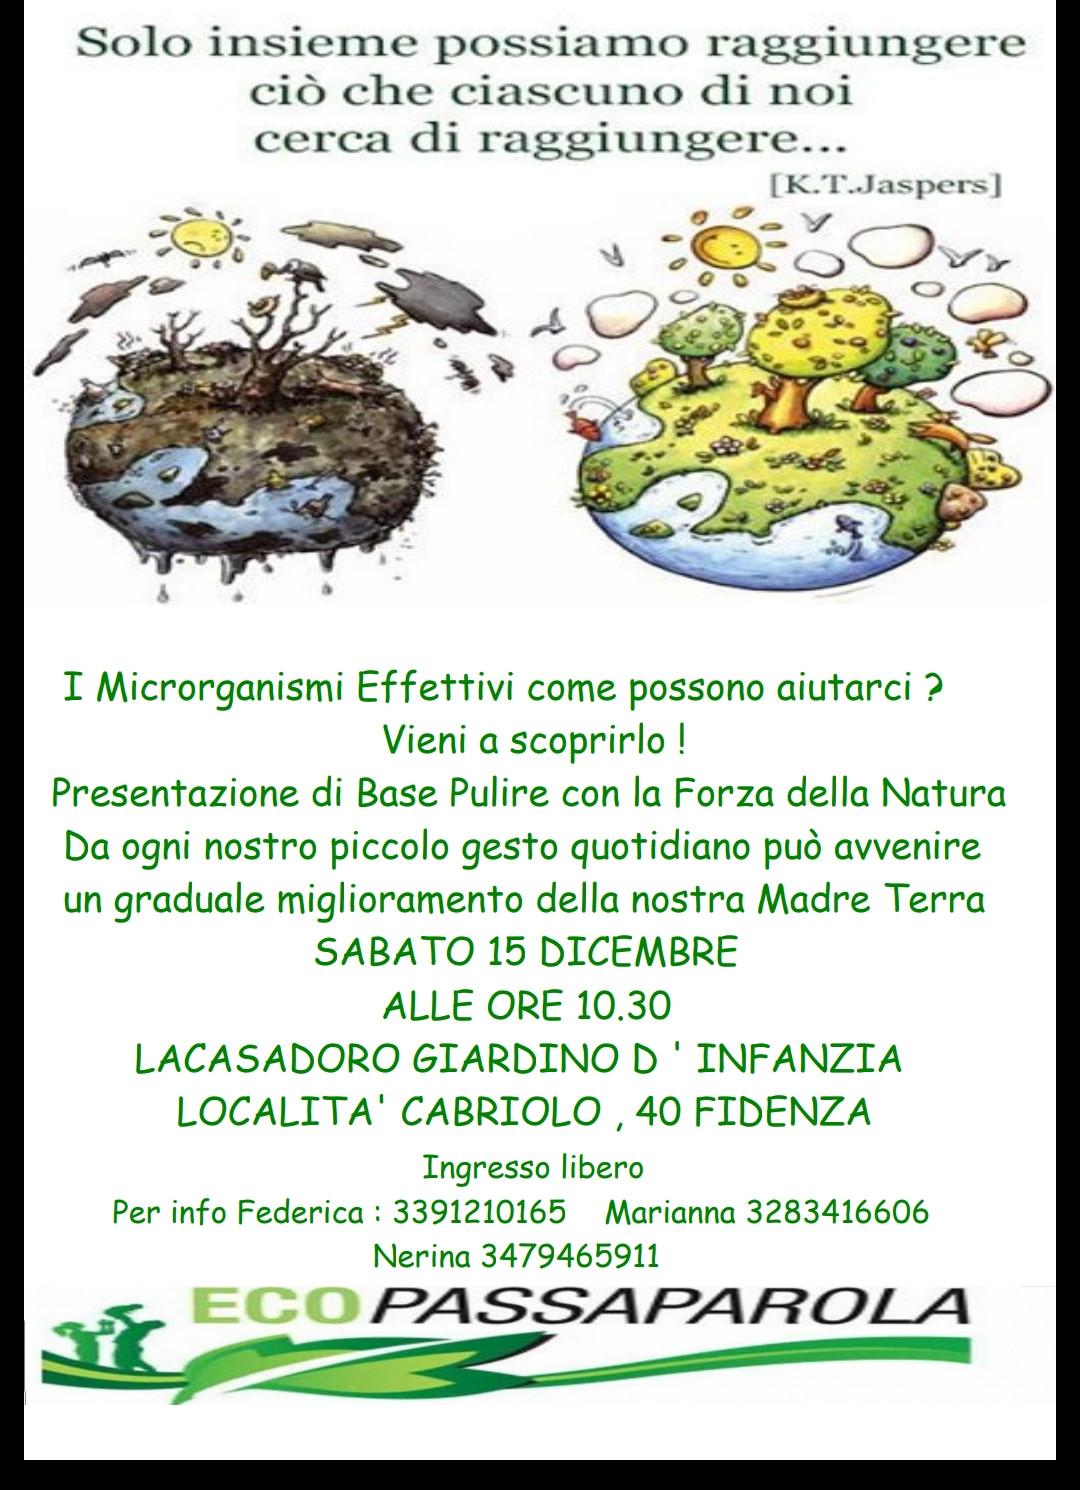 I microrganismi effettivi, la loro attività e l'aiuto che possono darci per tenere puliti i nostri ambienti